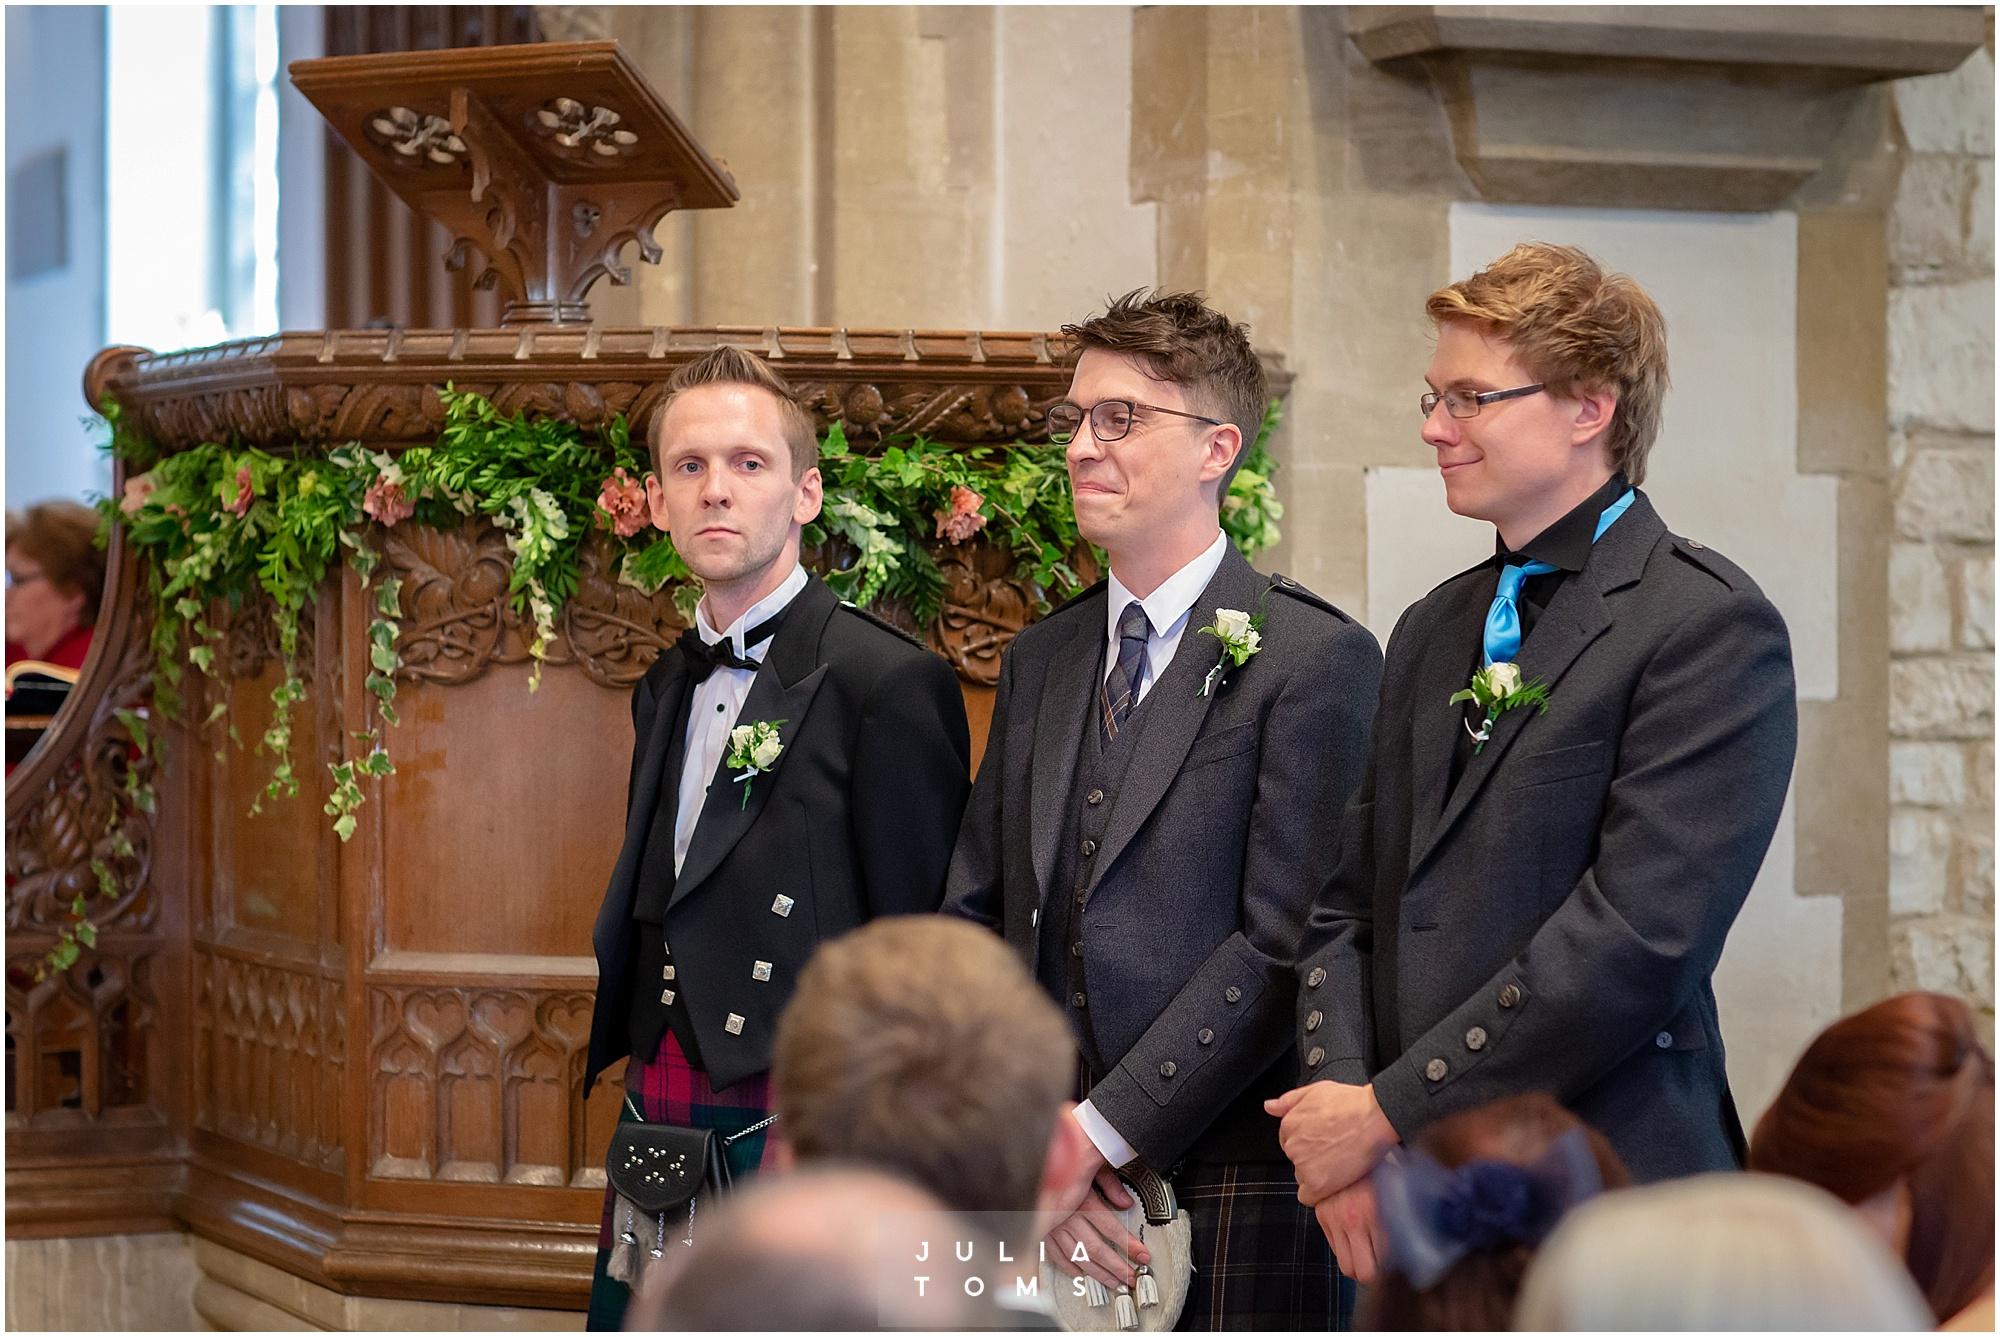 westsussex_wedding_photographer_westdean_038.jpg